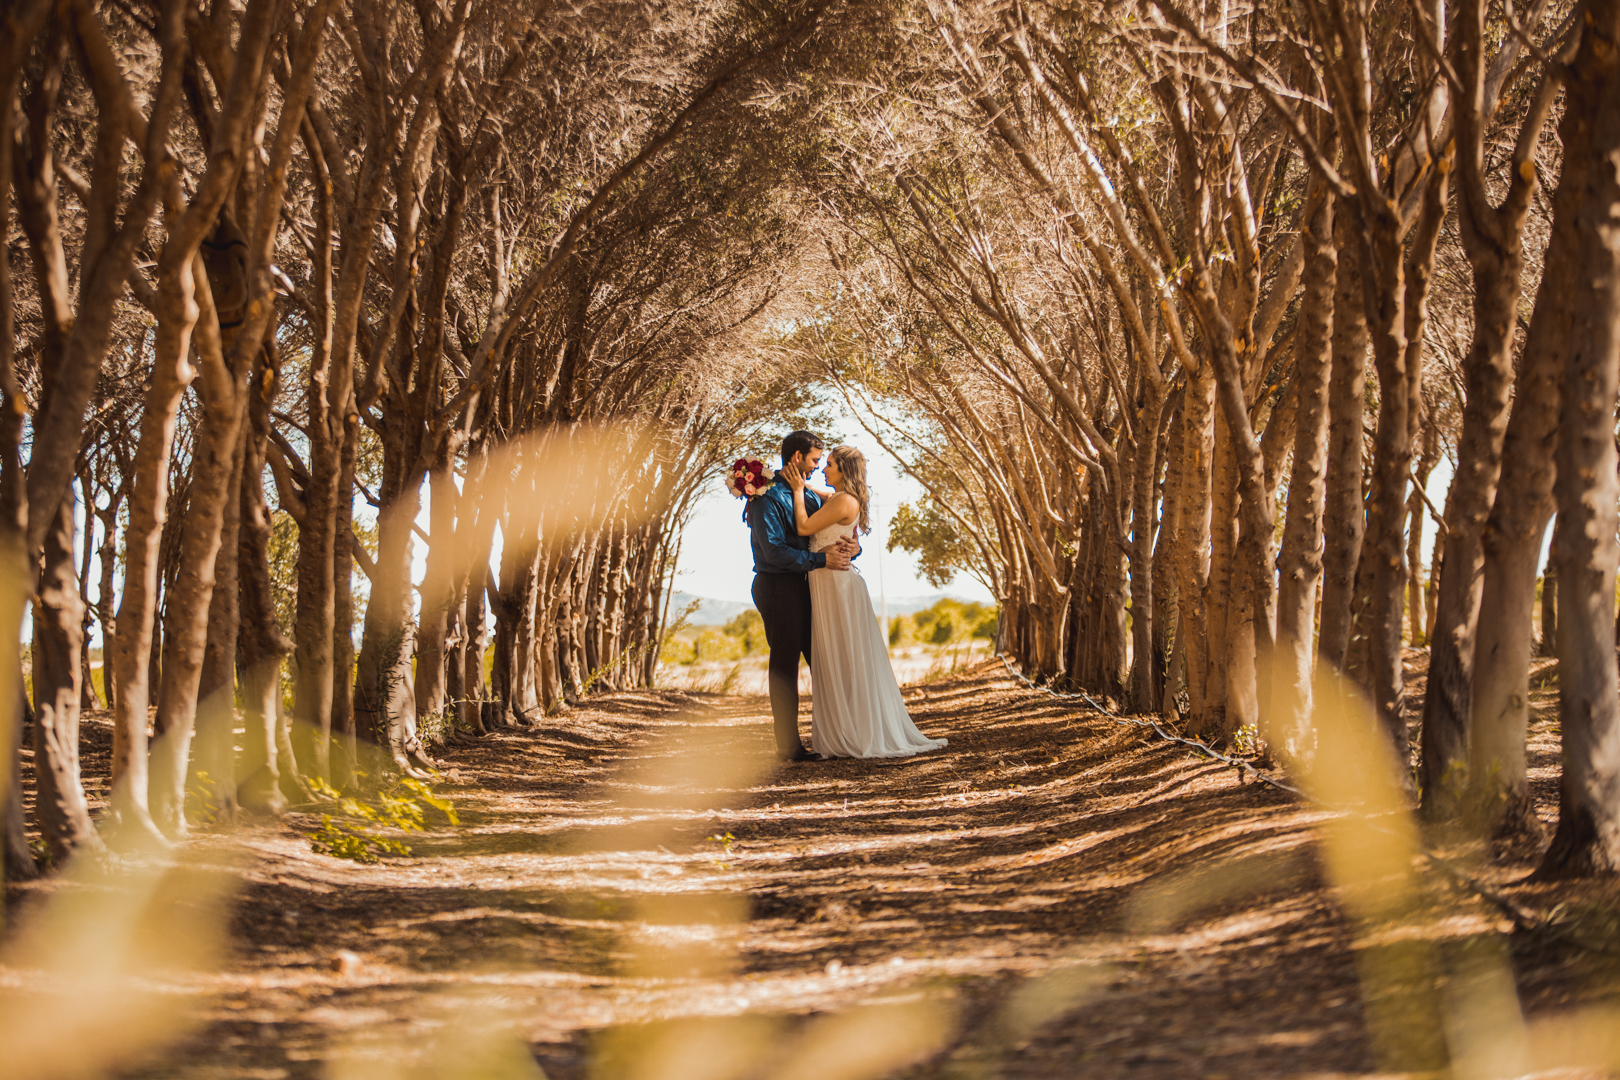 Contate Fotógrafo de Casamento, captura imagens espontâneas e com iluminação perfeita.